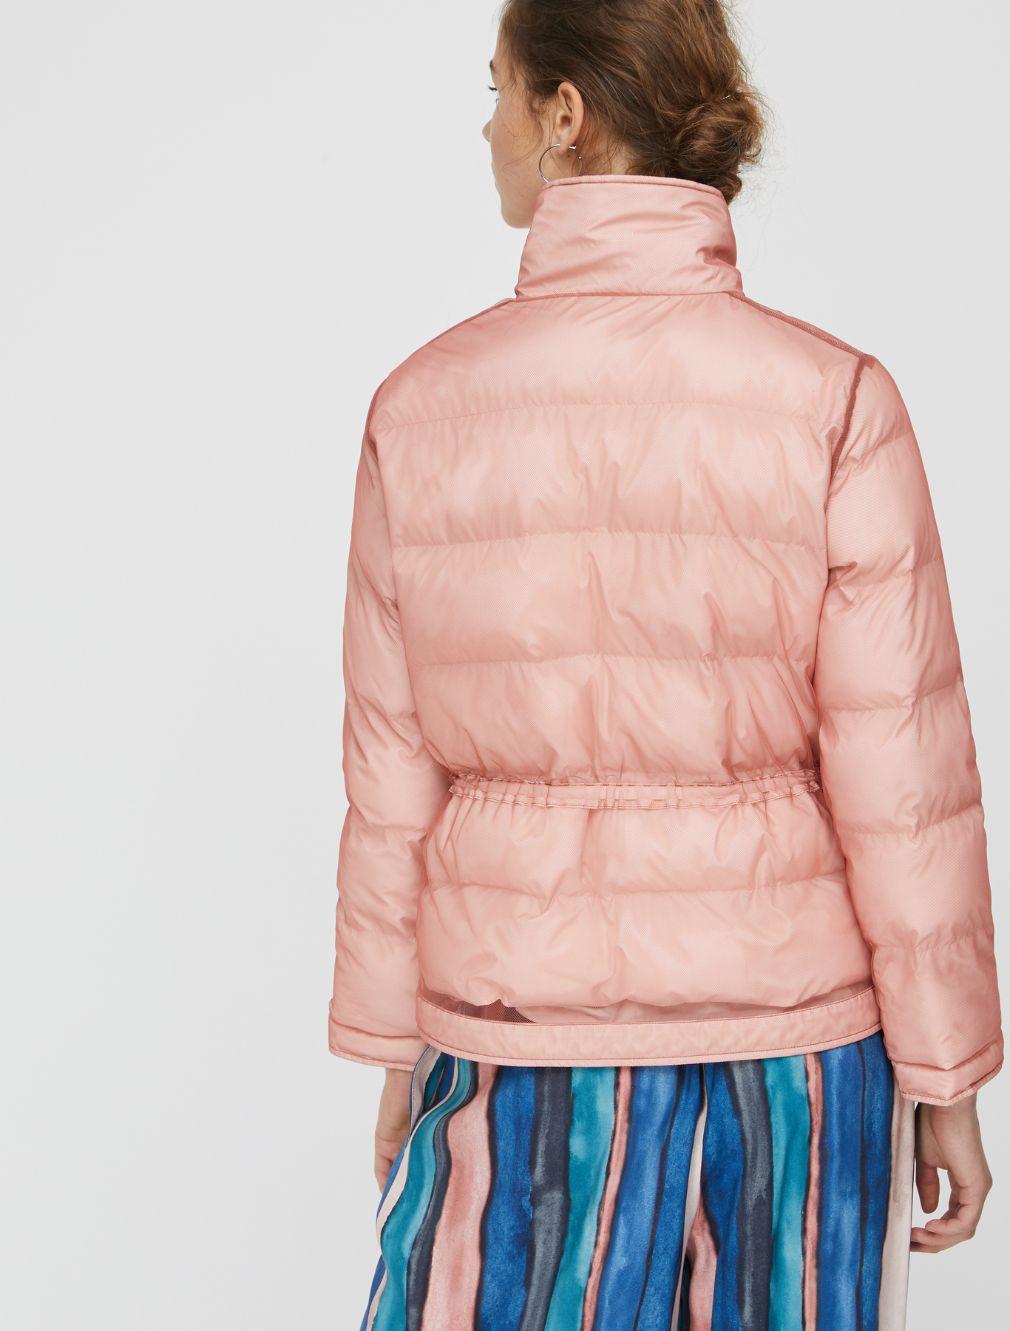 DEFILARE Quited jacket pink 2